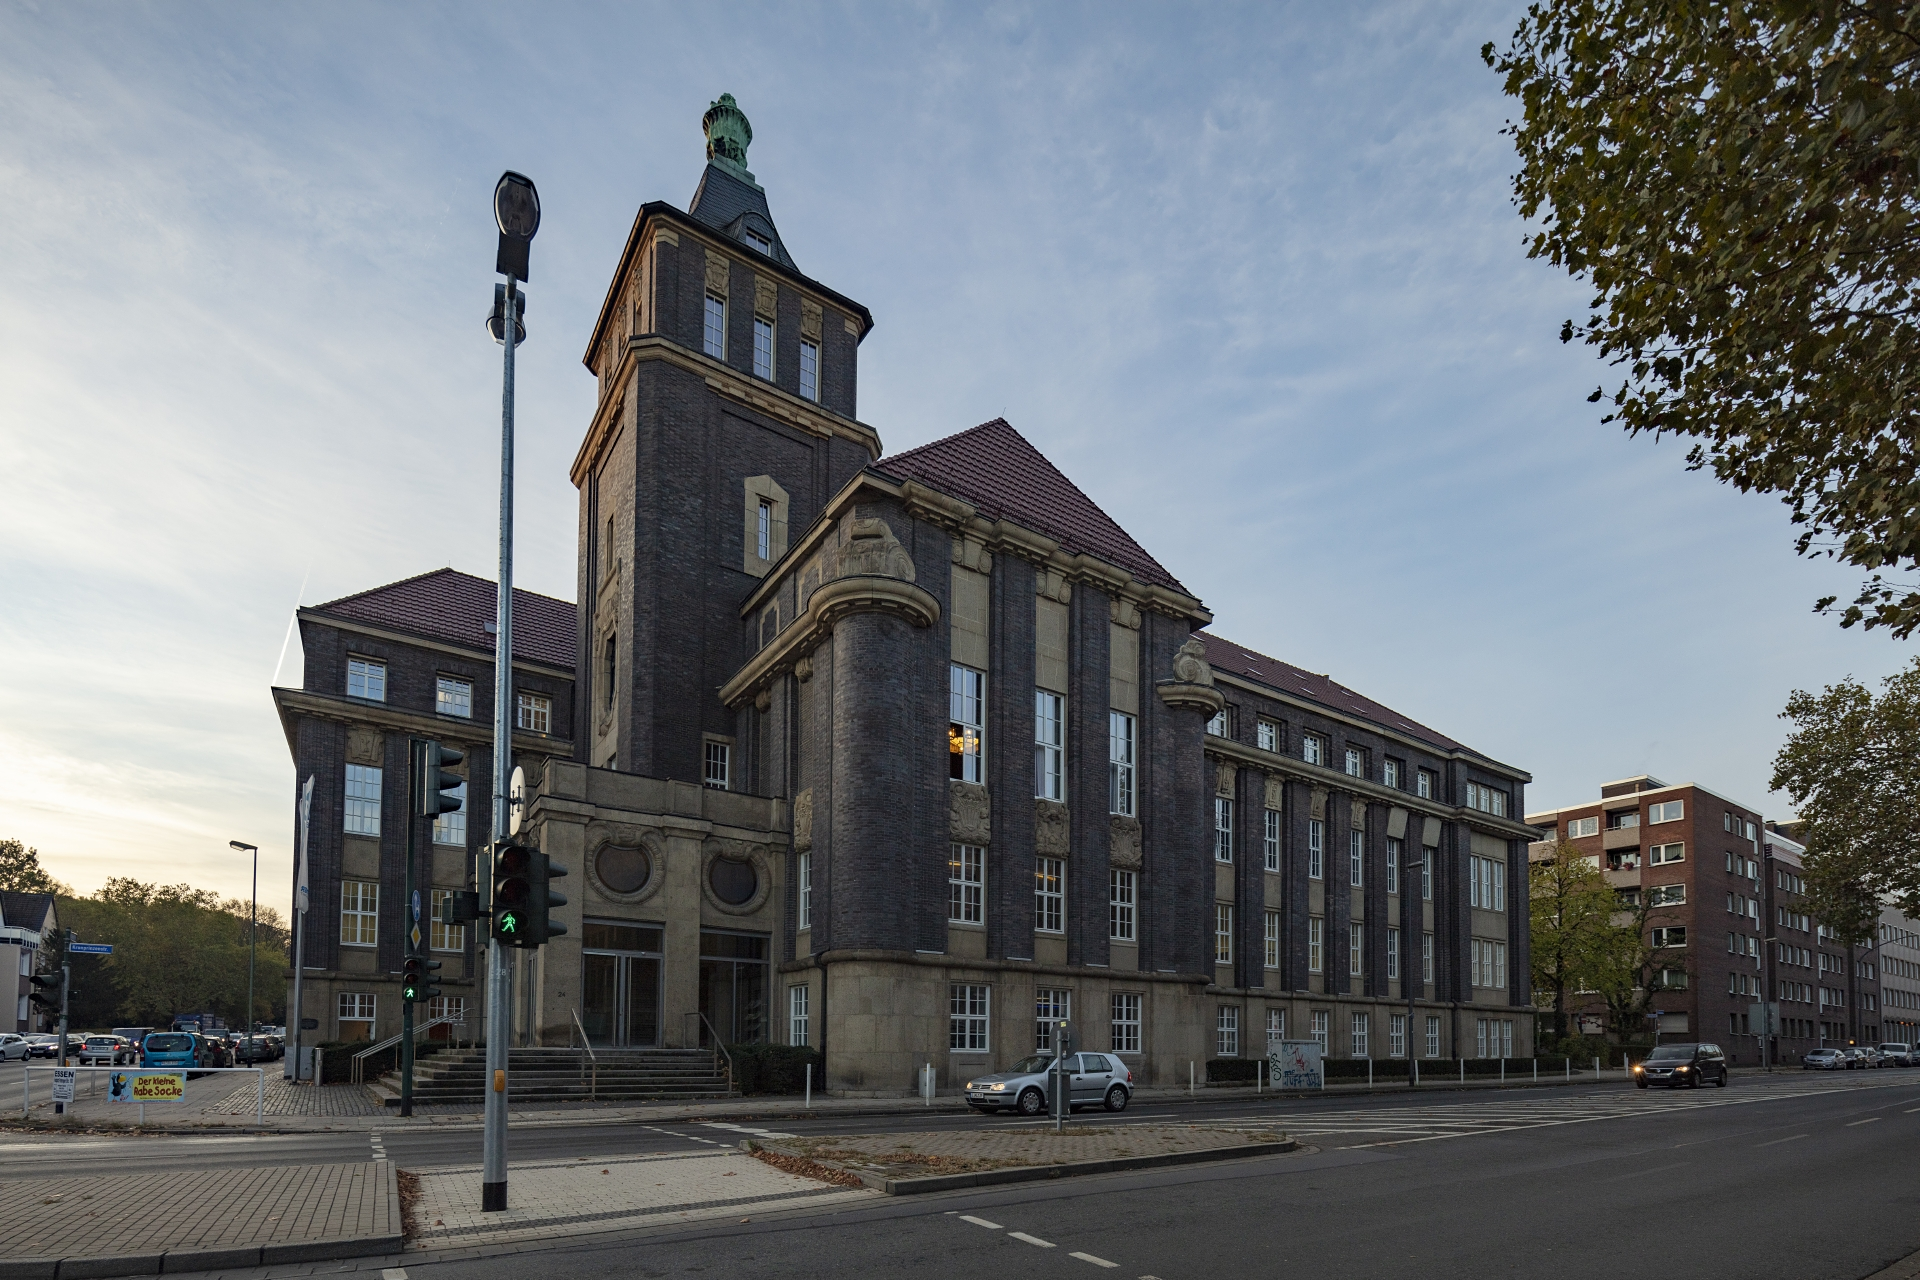 Das Emscher-Haus an der Kronprinzenstraße in Essen. Foto: Klaus Baumers/EGLV